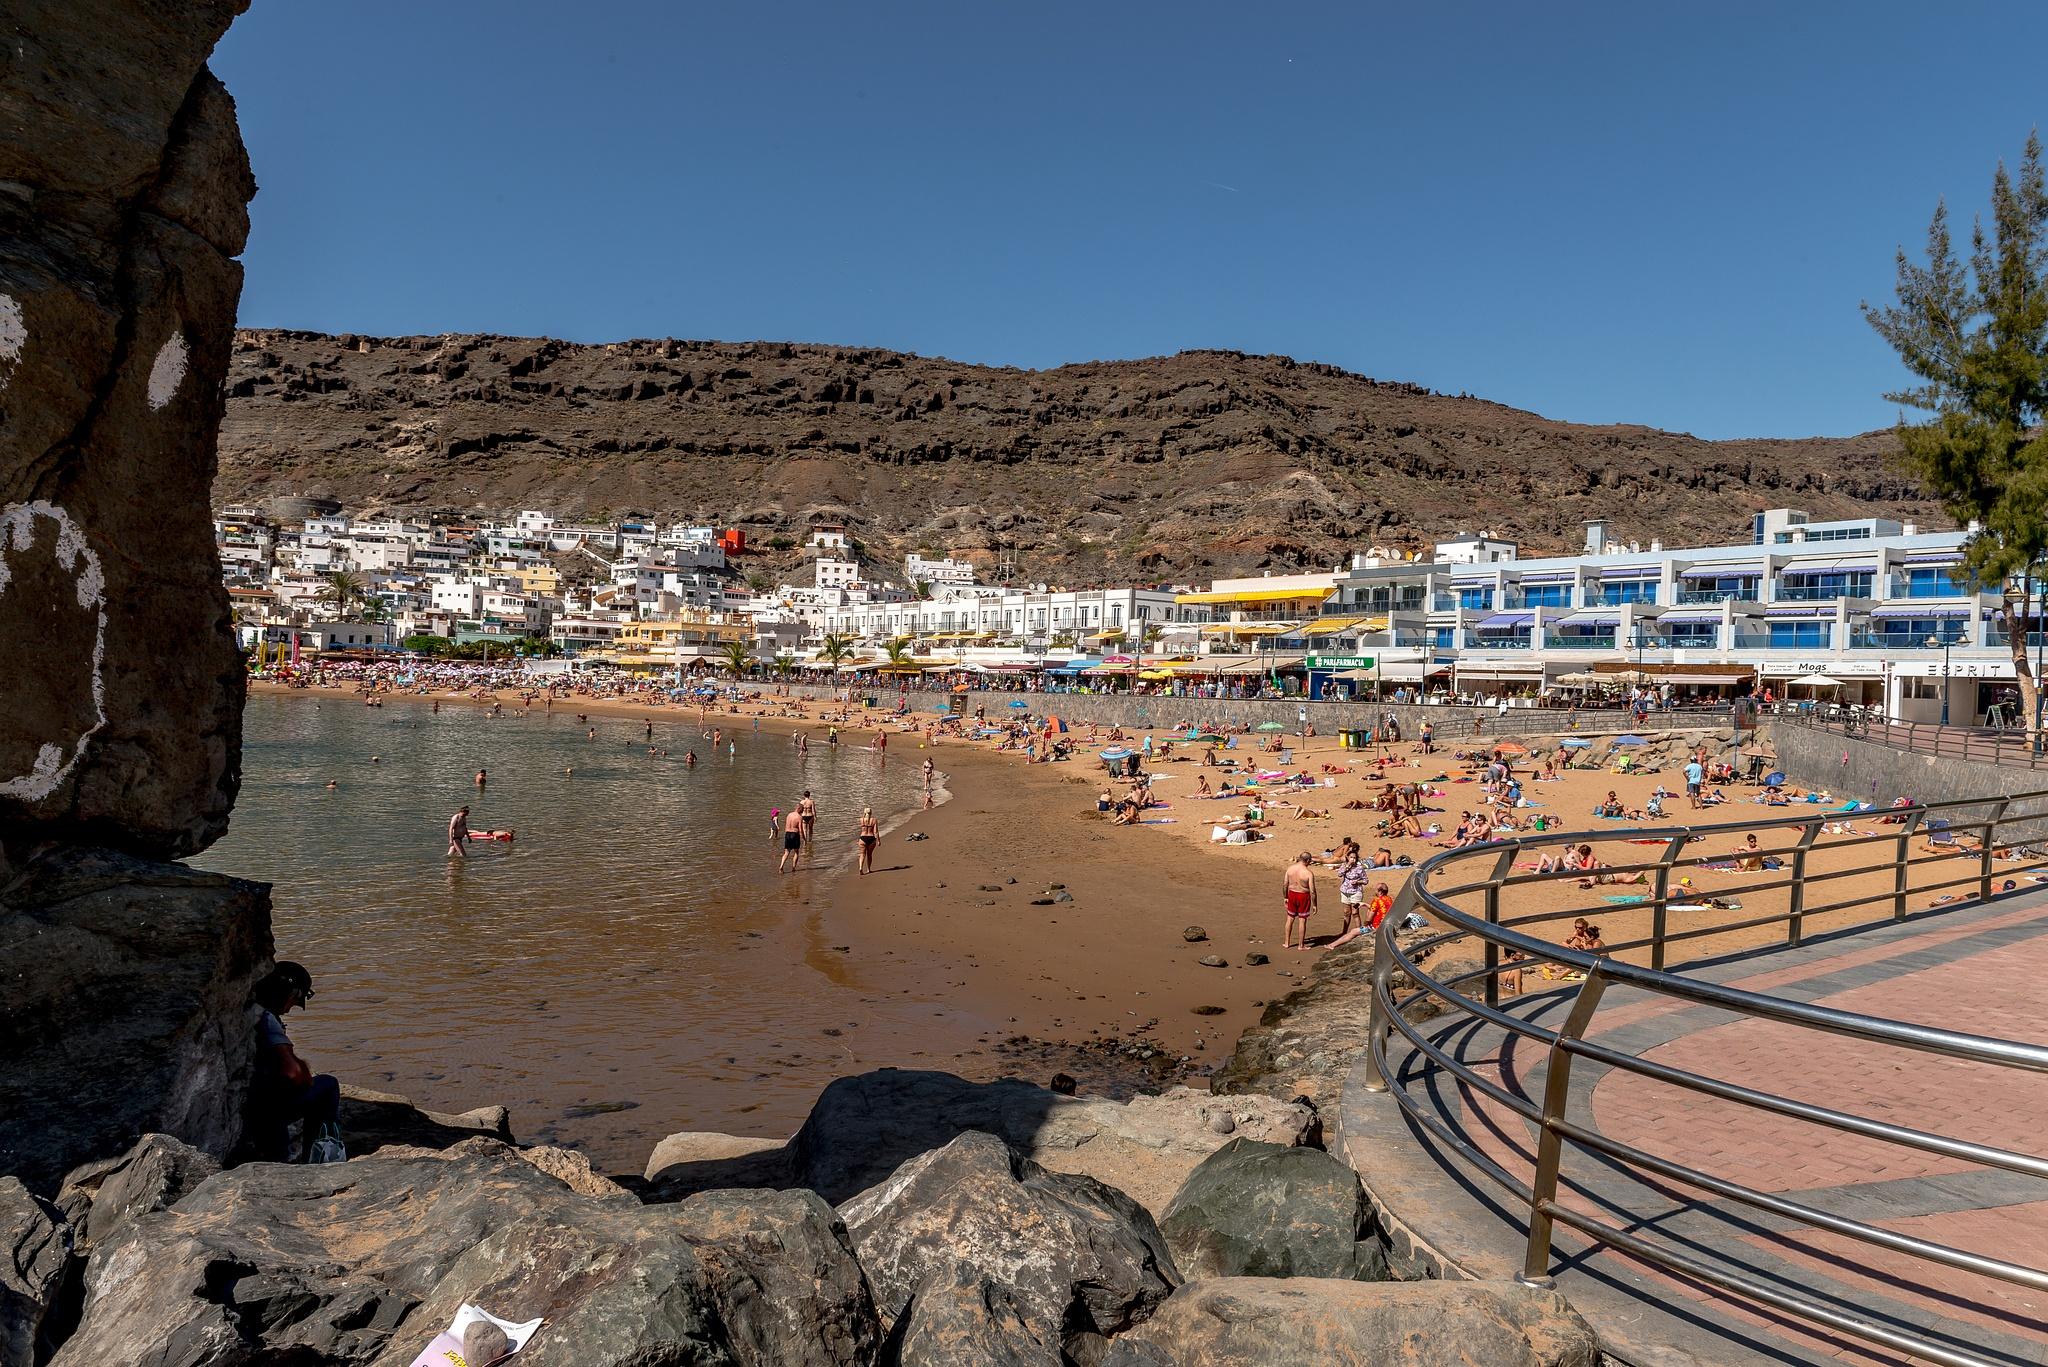 The beach at Puerto De Morgan - Gran Canaria by Hyen